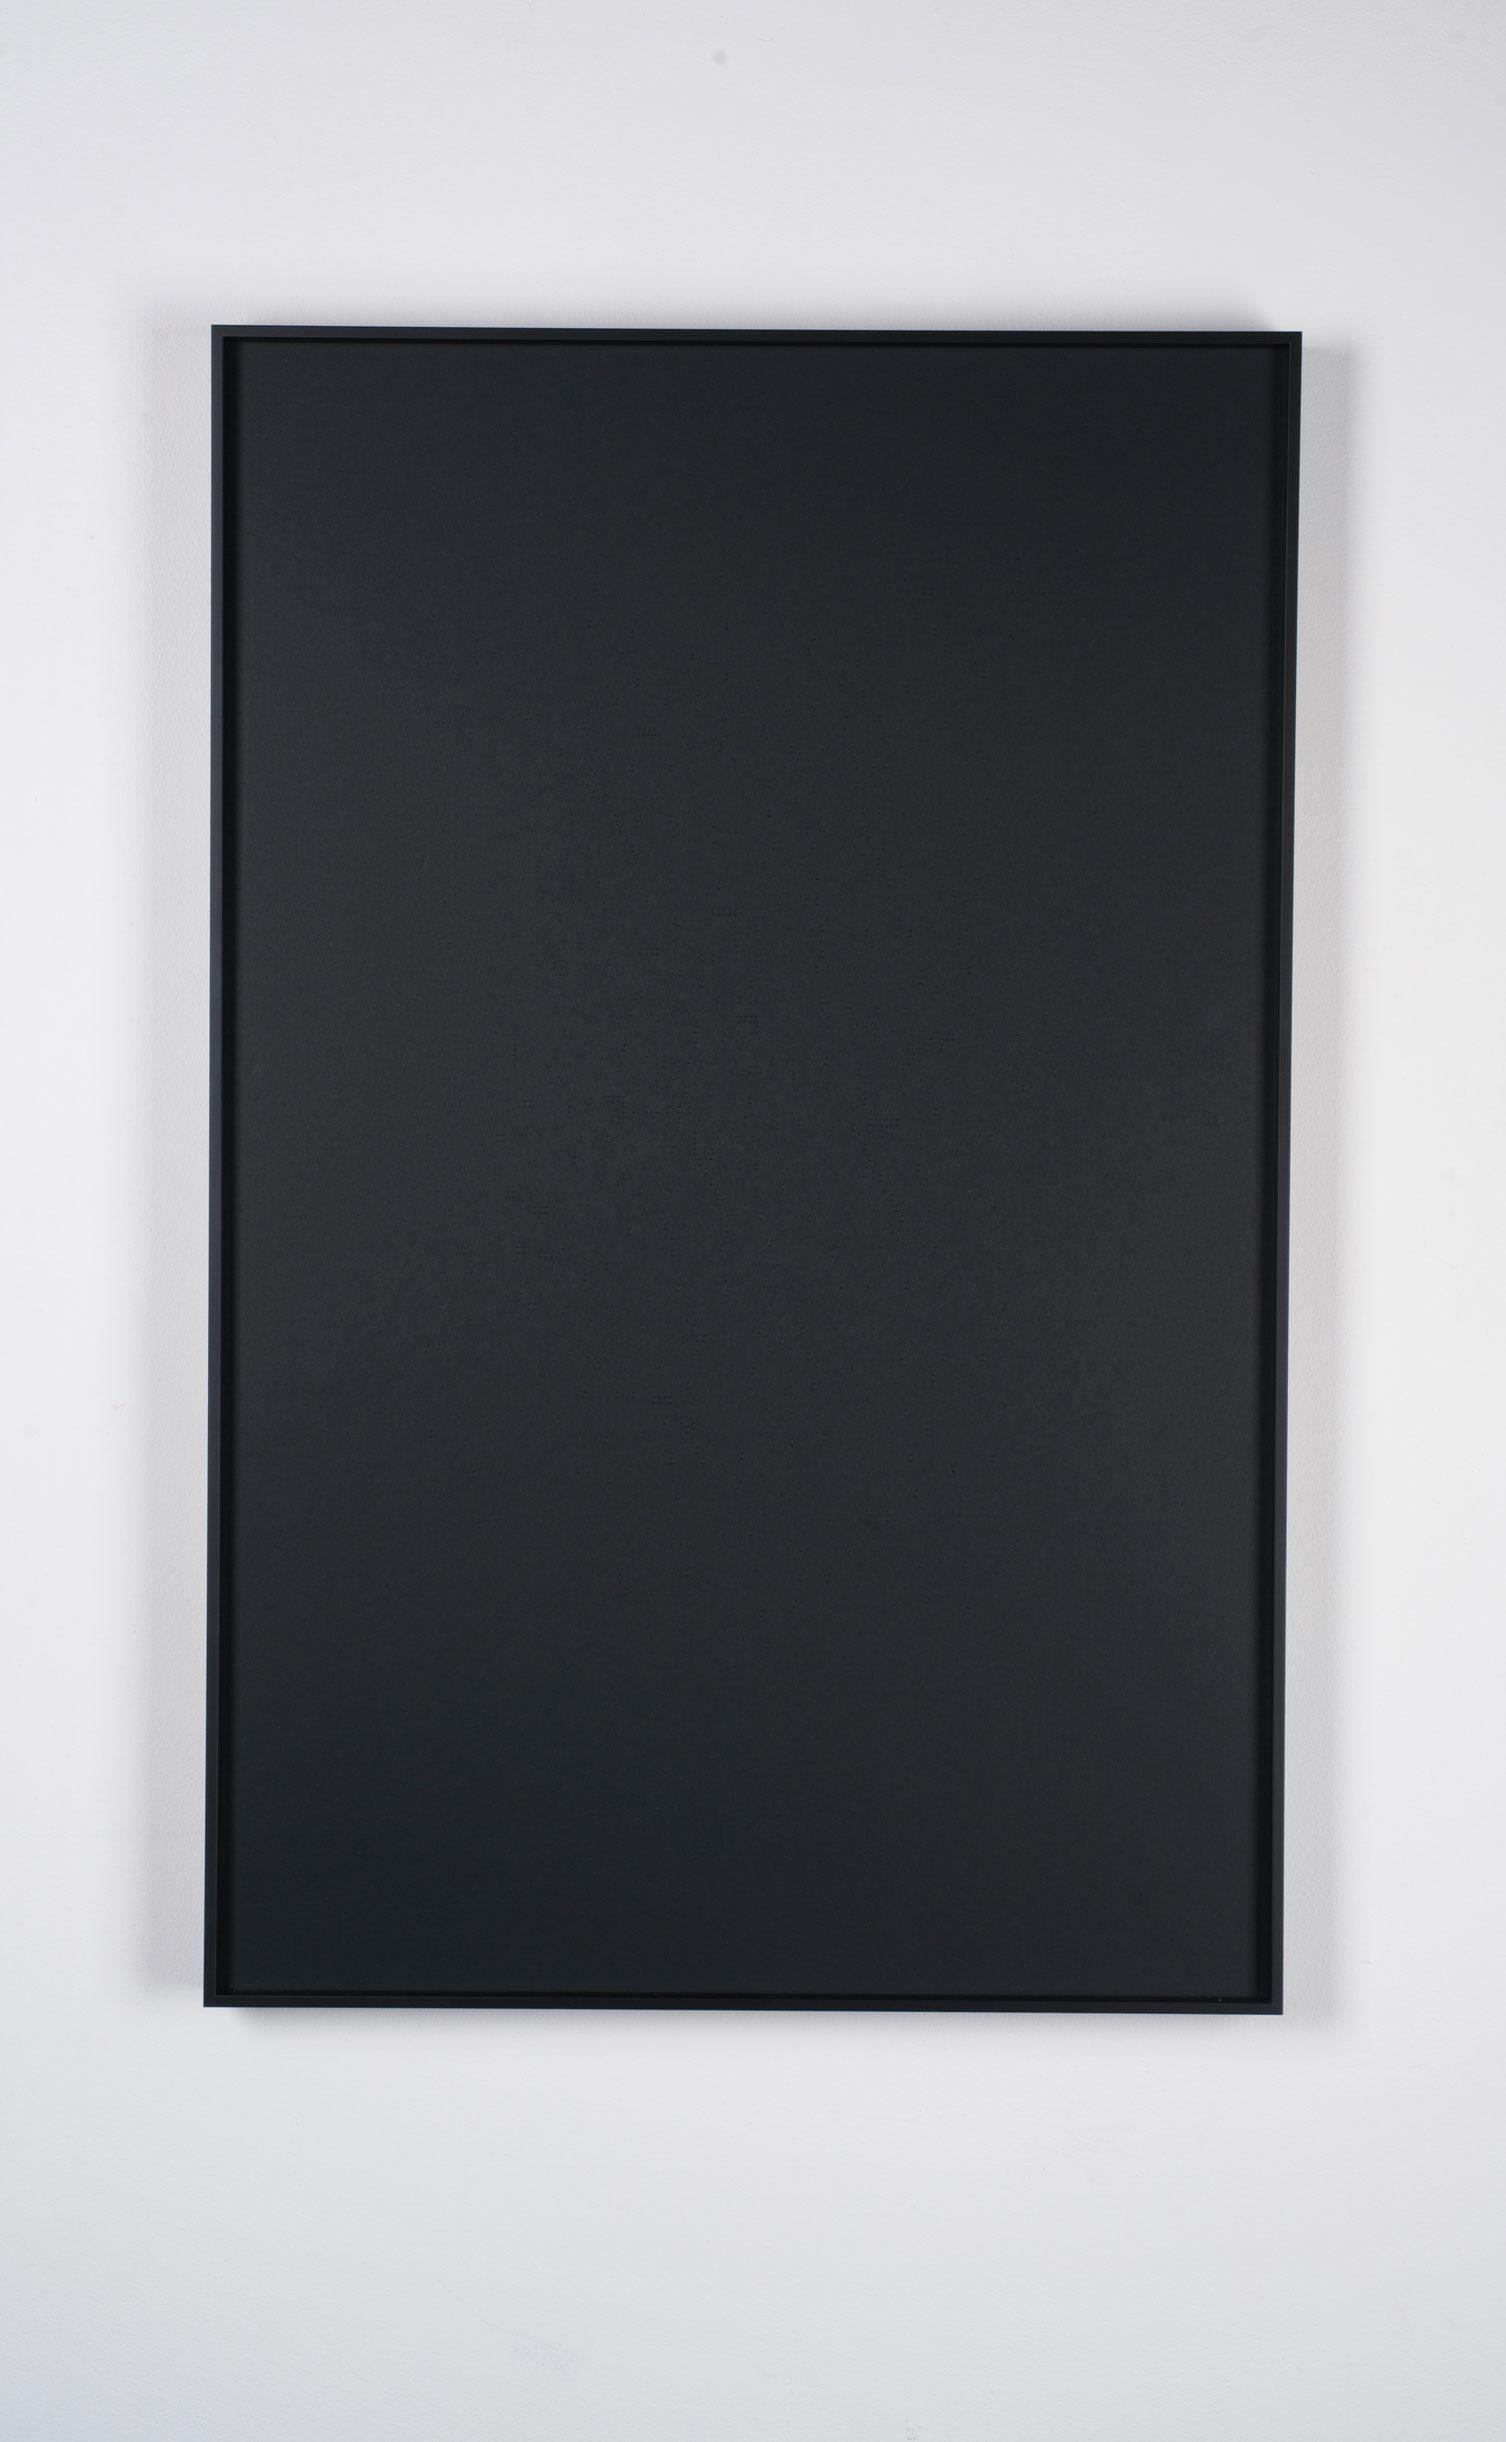 La falta de ortografía de Apollinaire II (negro) / Apollinaire's Misspell II (Black)  , 2017  Bajo relieve sobre papel / Bas-relief on paper  70 x 45 cm